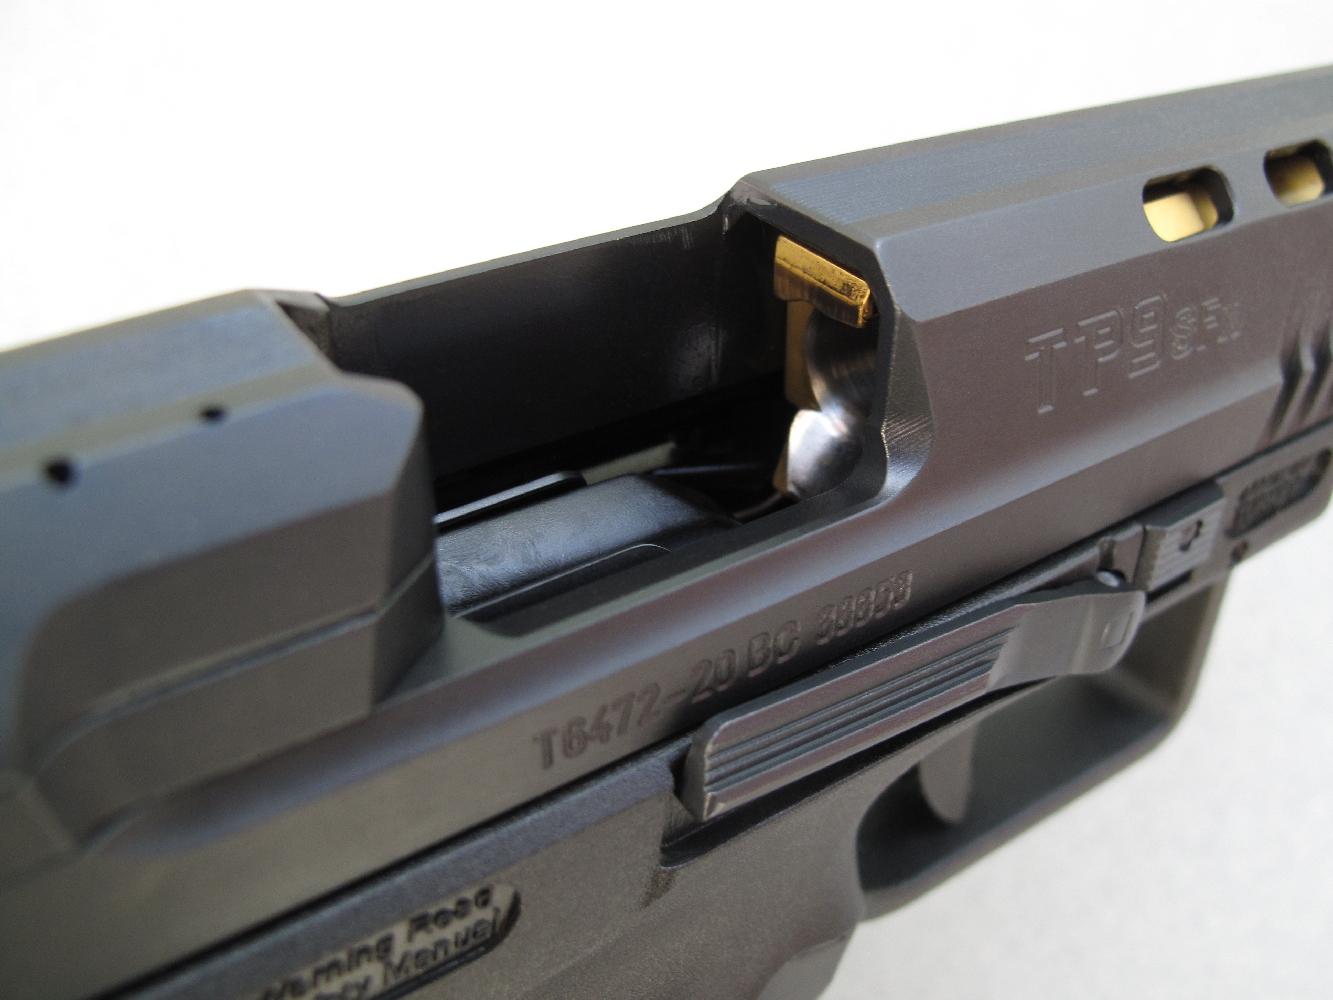 Sa fenêtre d'éjection aux dimensions généreuses participe au bon fonctionnement de l'arme.